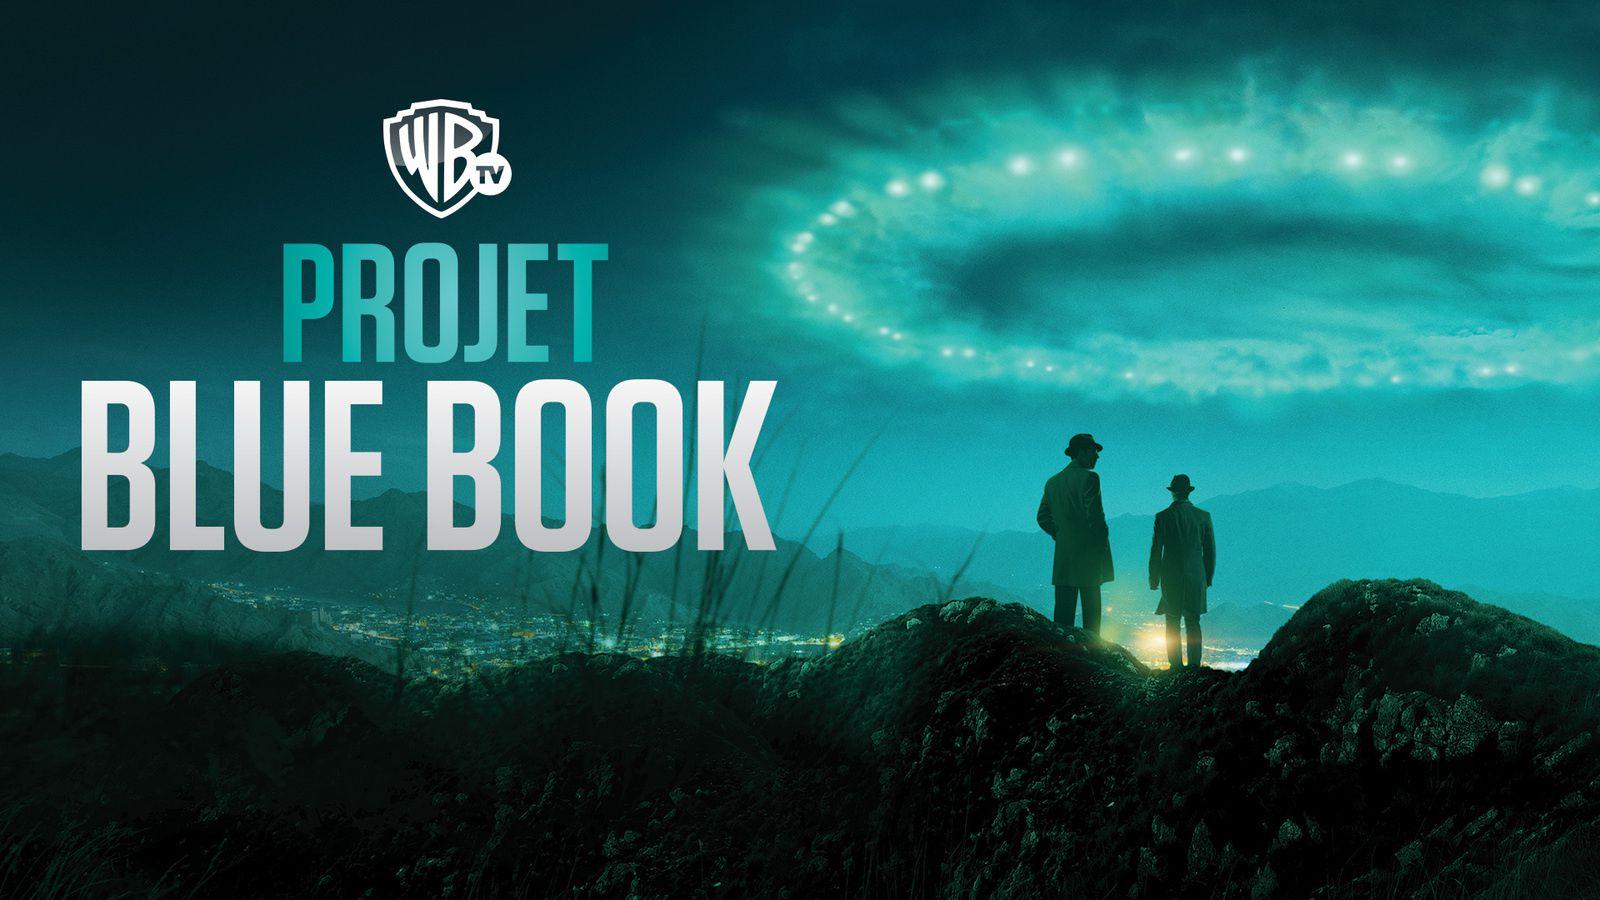 Warner TV à l'assaut de la Zone 51 ce soir, avec Projet Blue Book (produit par Robert Zemeckis).